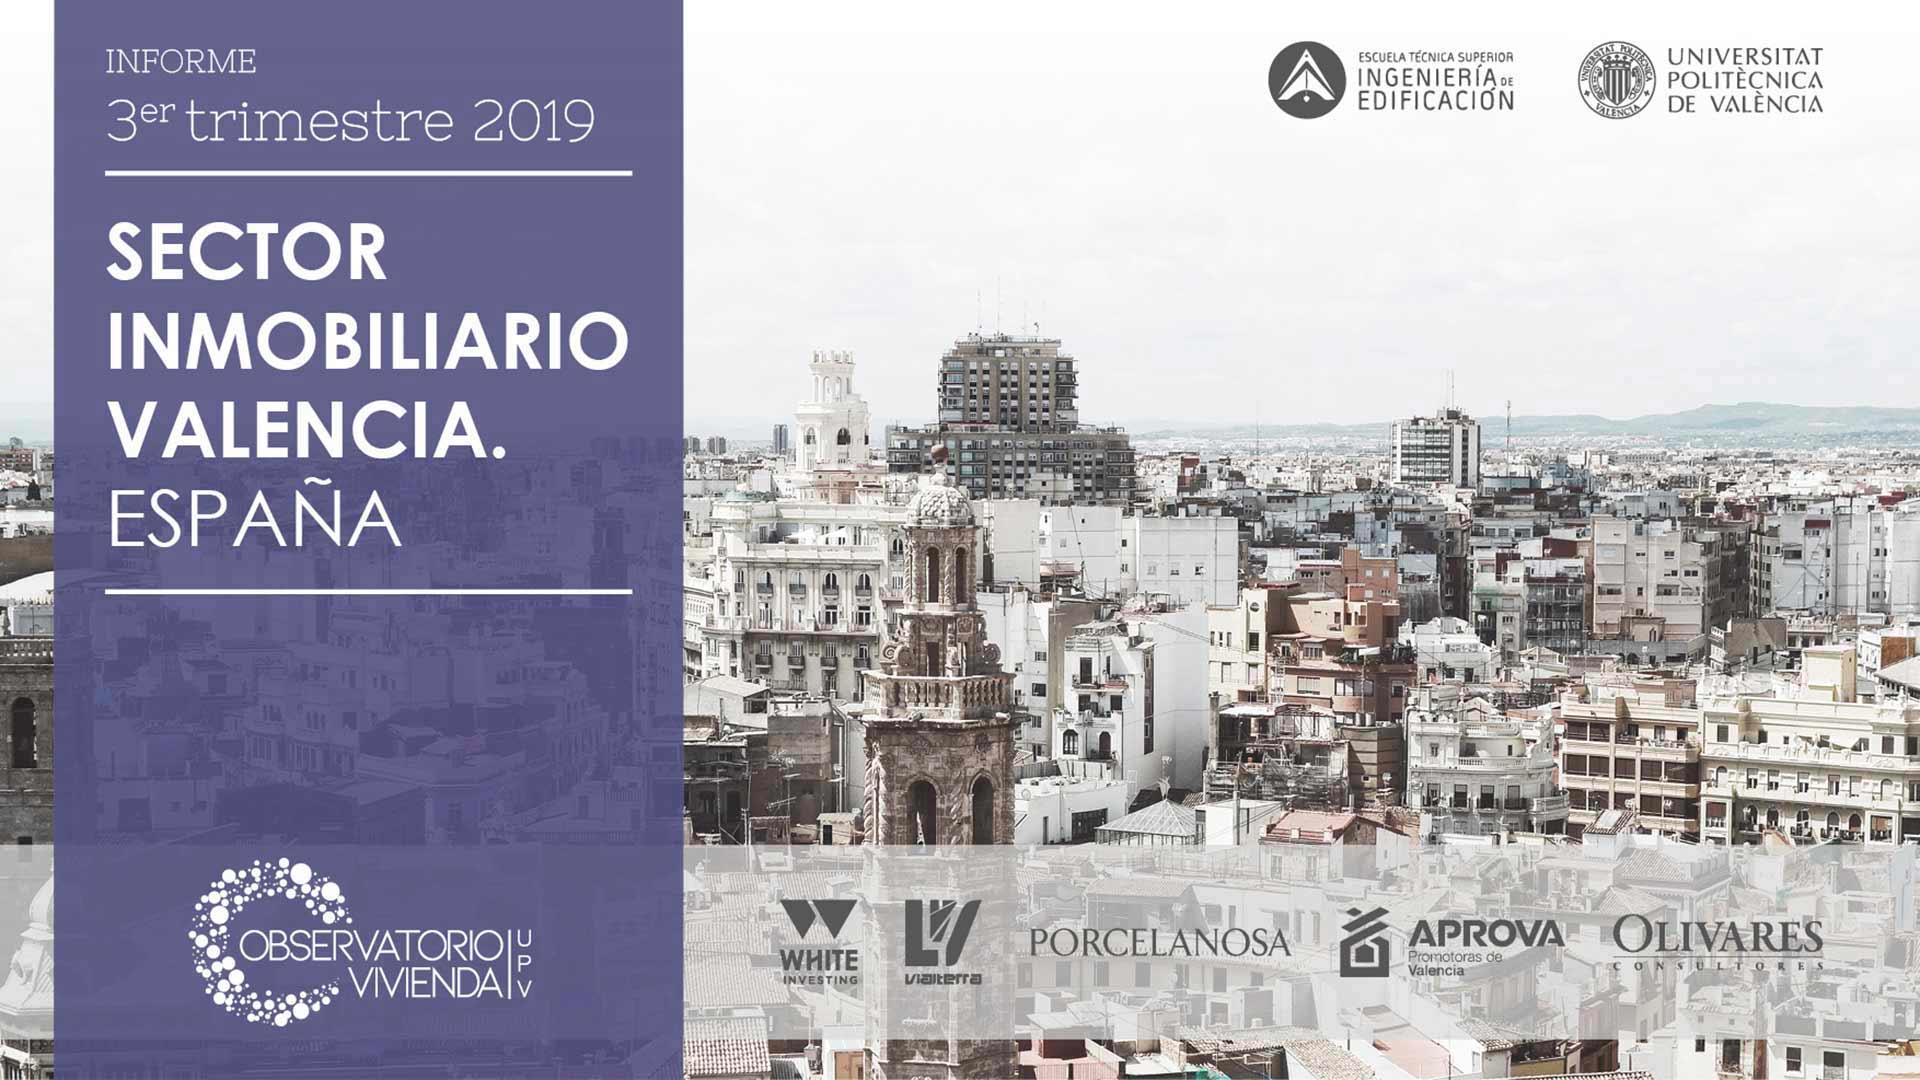 Informe 3er. trimestre 2019 del sector inmobiliario en Valencia